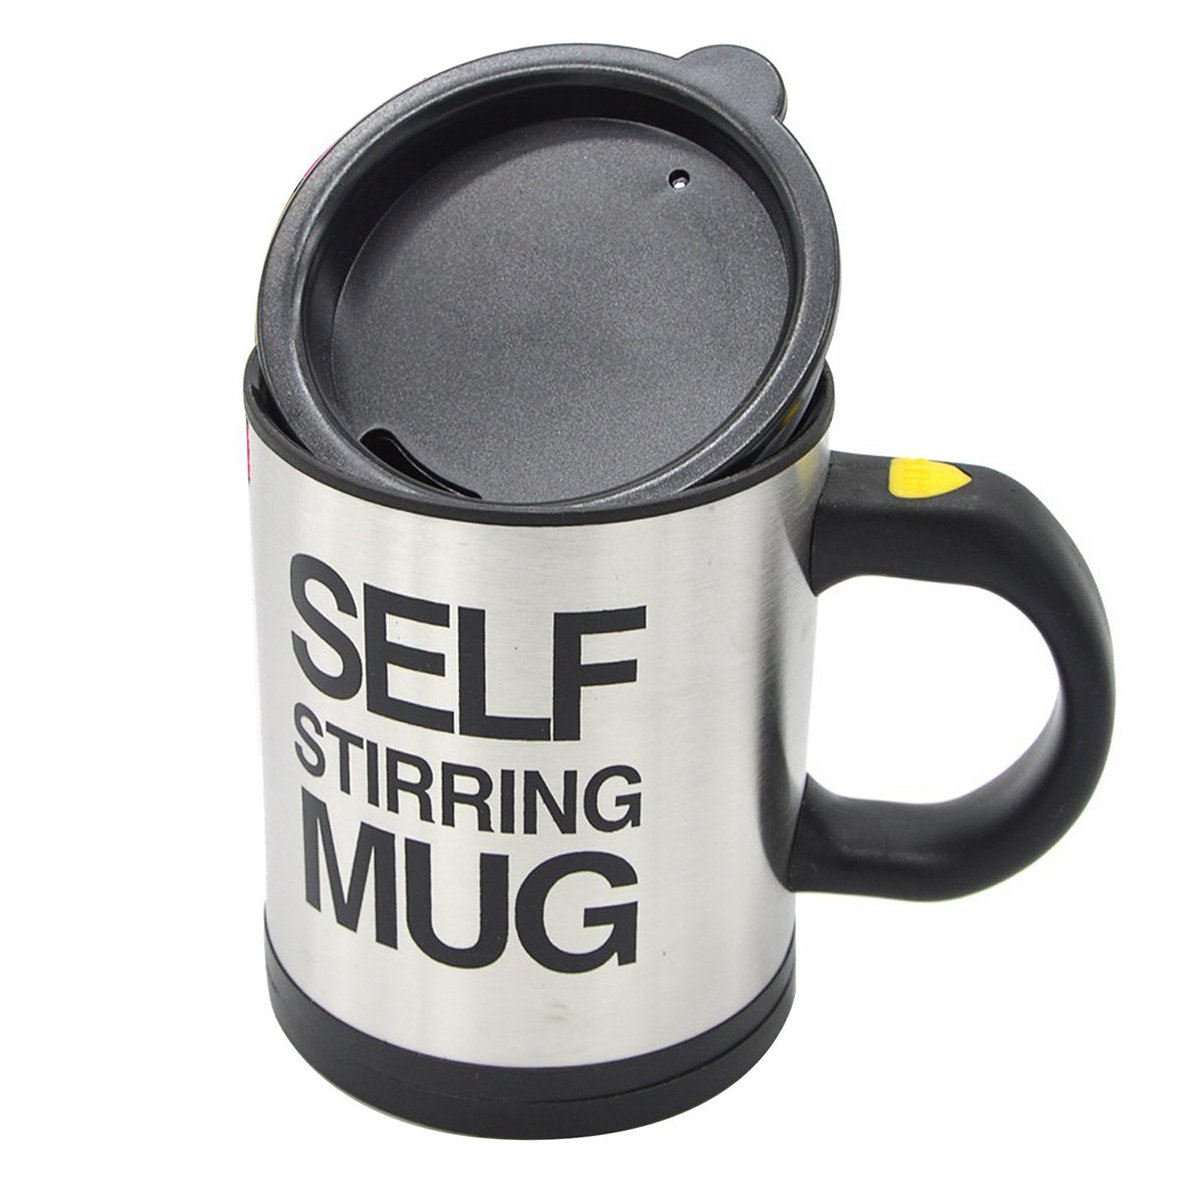 Self Stirring MugコーヒーブラックカップステンレススチールAutomatic Self Mixing ブラック B0797RQK68 ブラック